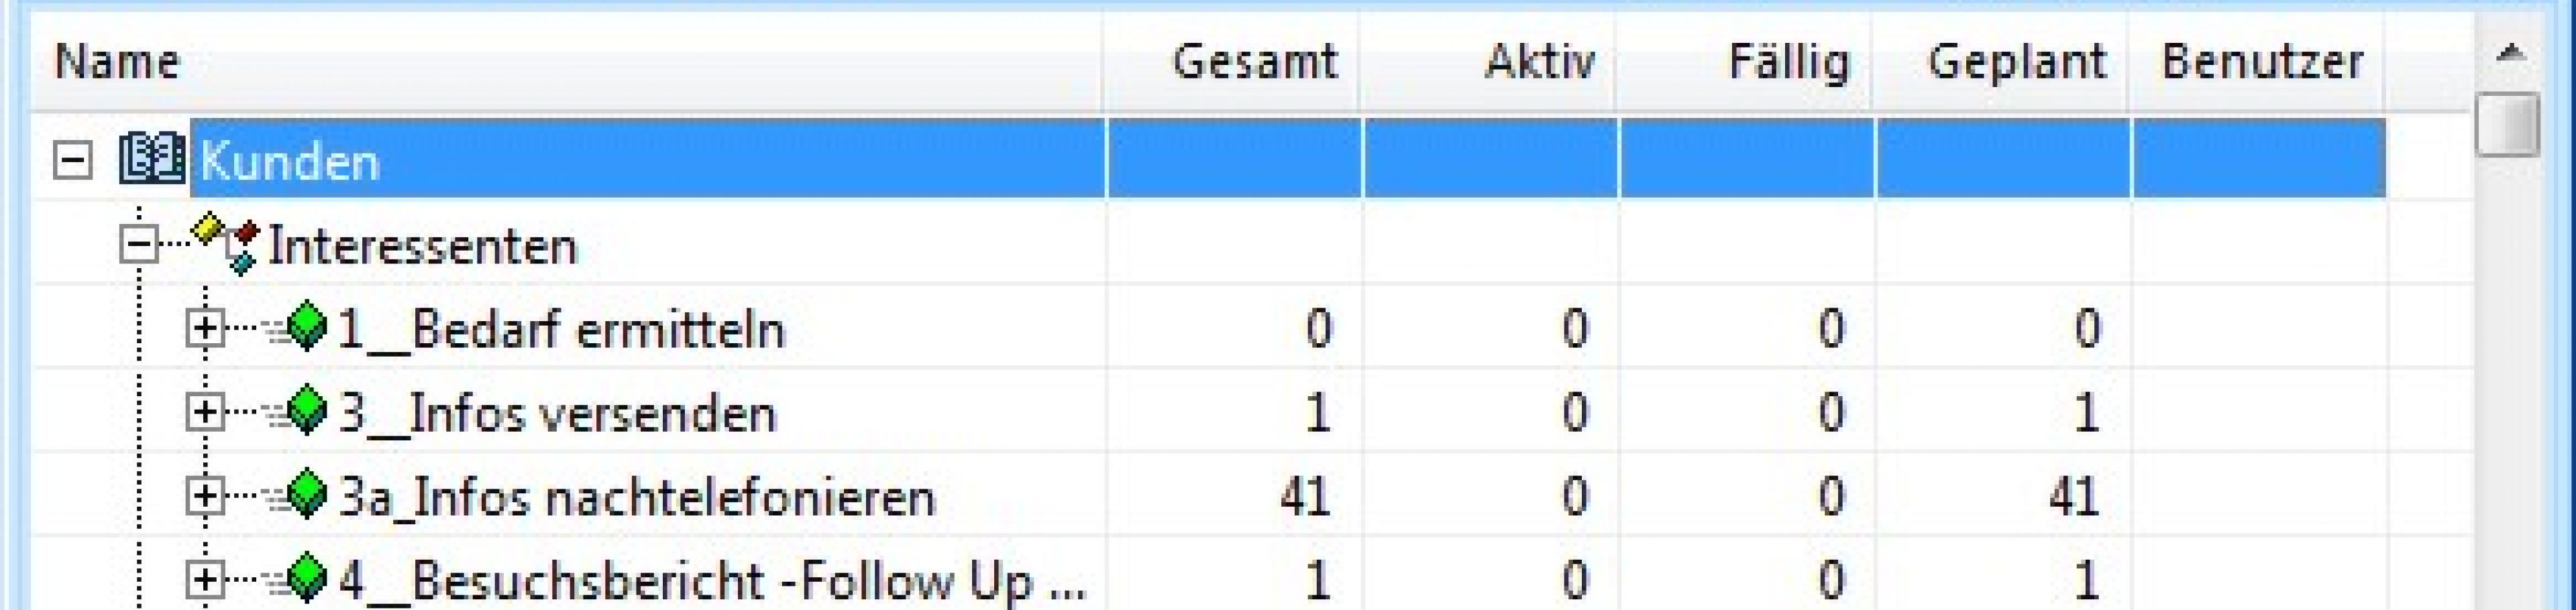 Monitore und Reports zur Kampagnensteuerung in CRM Software AG-VIP